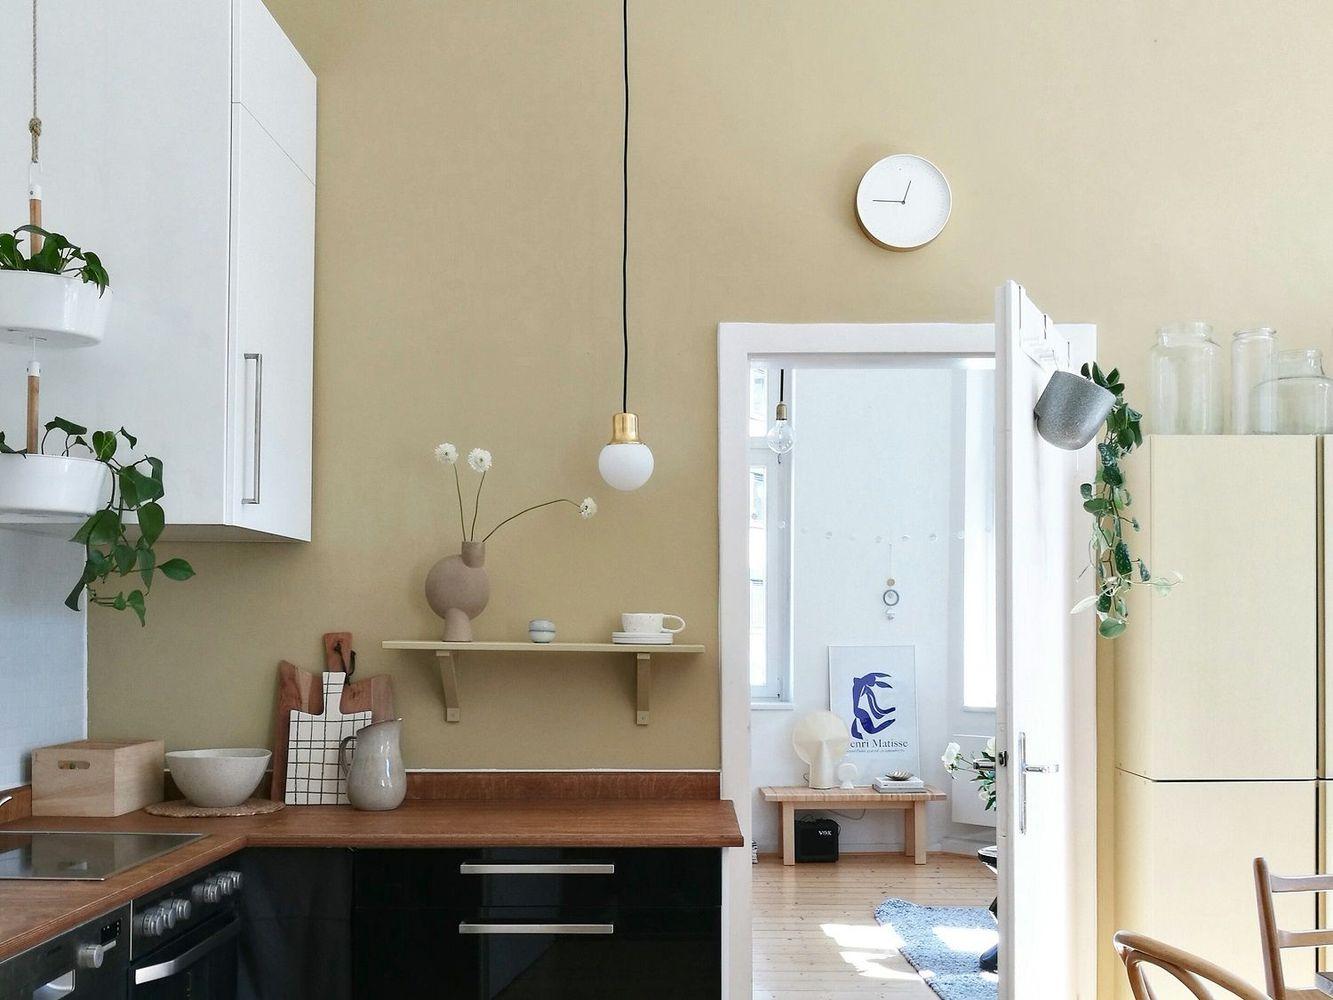 Full Size of Farbfreude Ton In Look Noras Kche I Kolorat Küche Mit Geräten Modulküche Holz Deckenleuchte Einbauküche Gebraucht Erweitern Eckunterschrank Wasserhahn Für Wohnzimmer Küche Wandfarbe